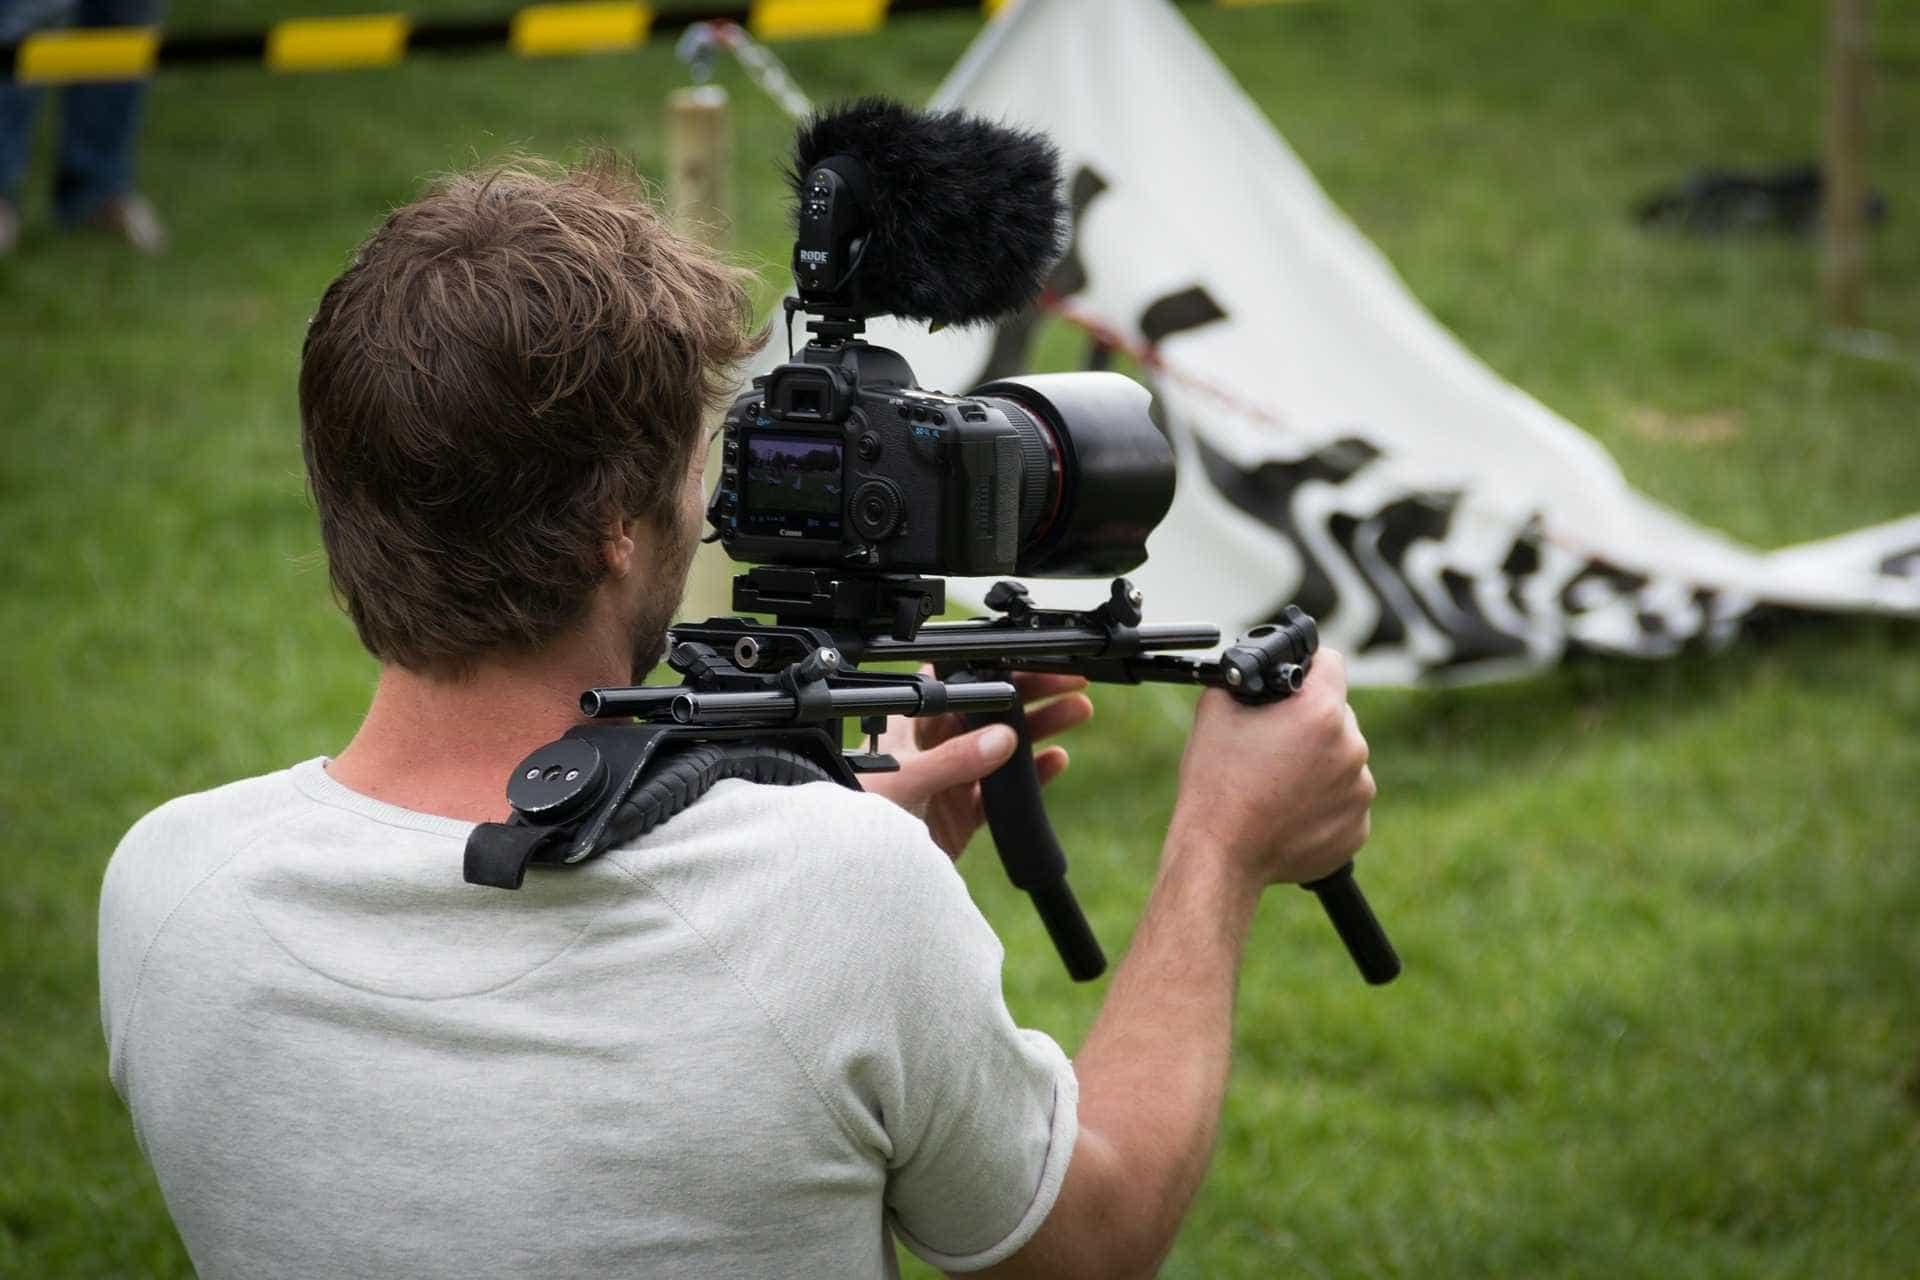 Violência contra jornalistas avançou no país em ano eleitoral